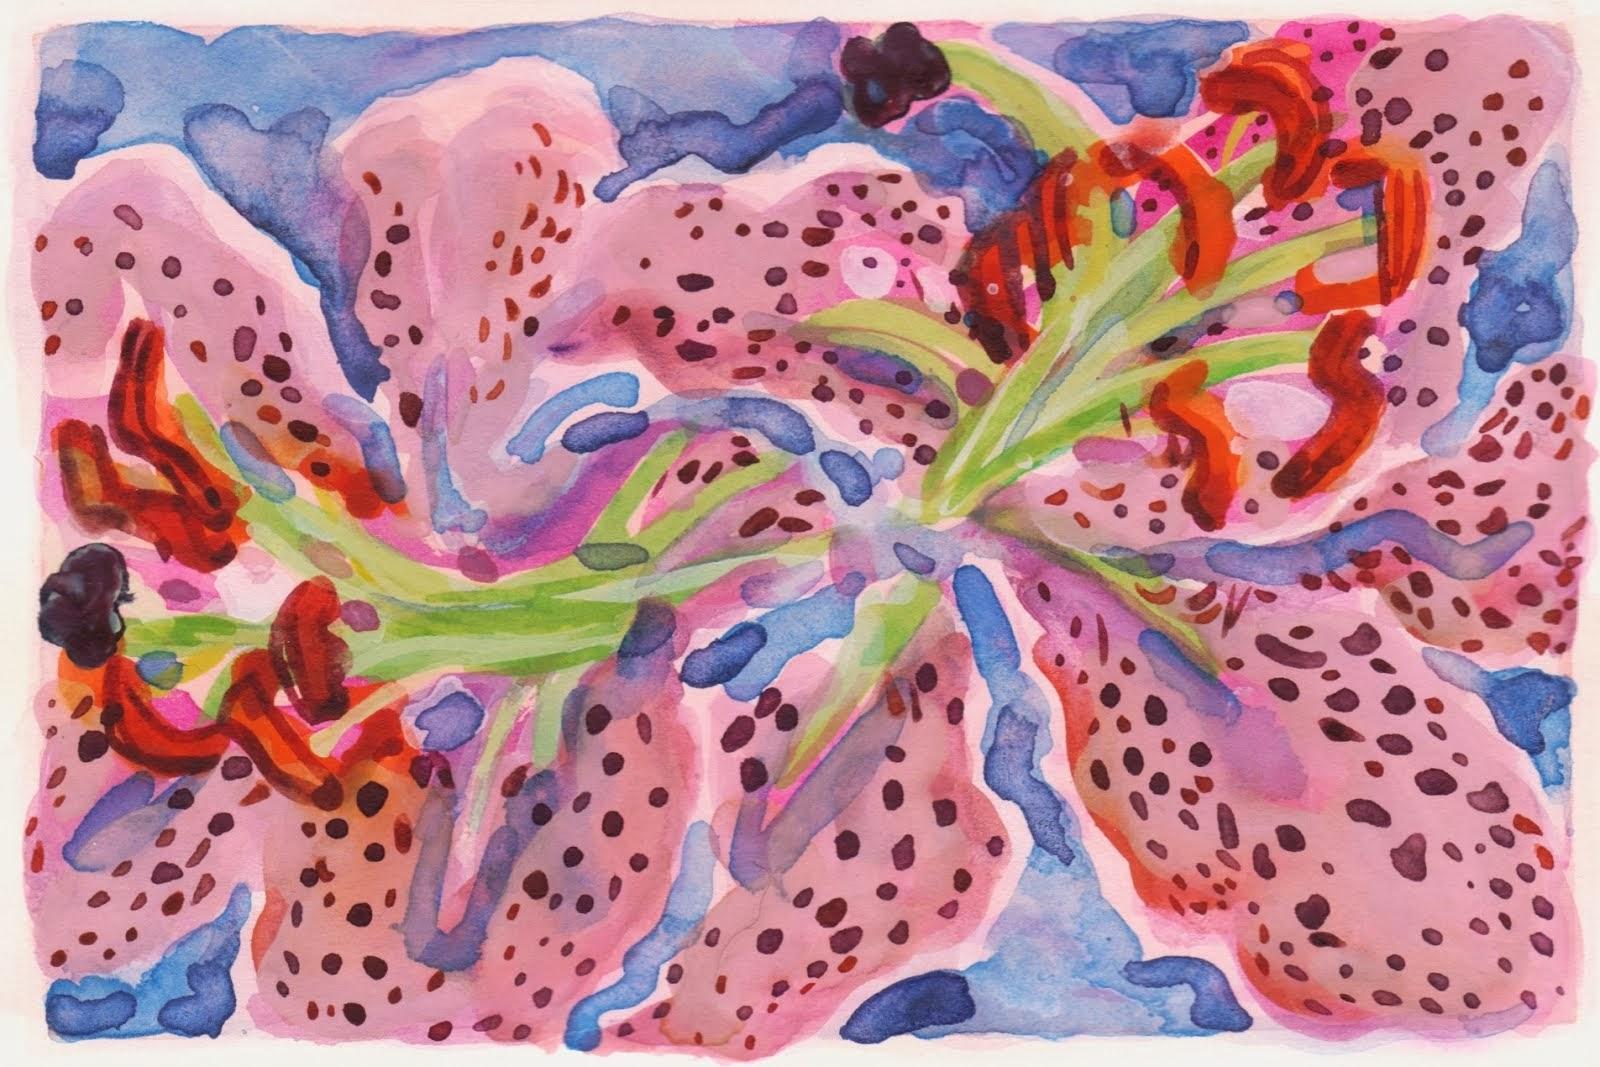 Two Stargazer Lilies